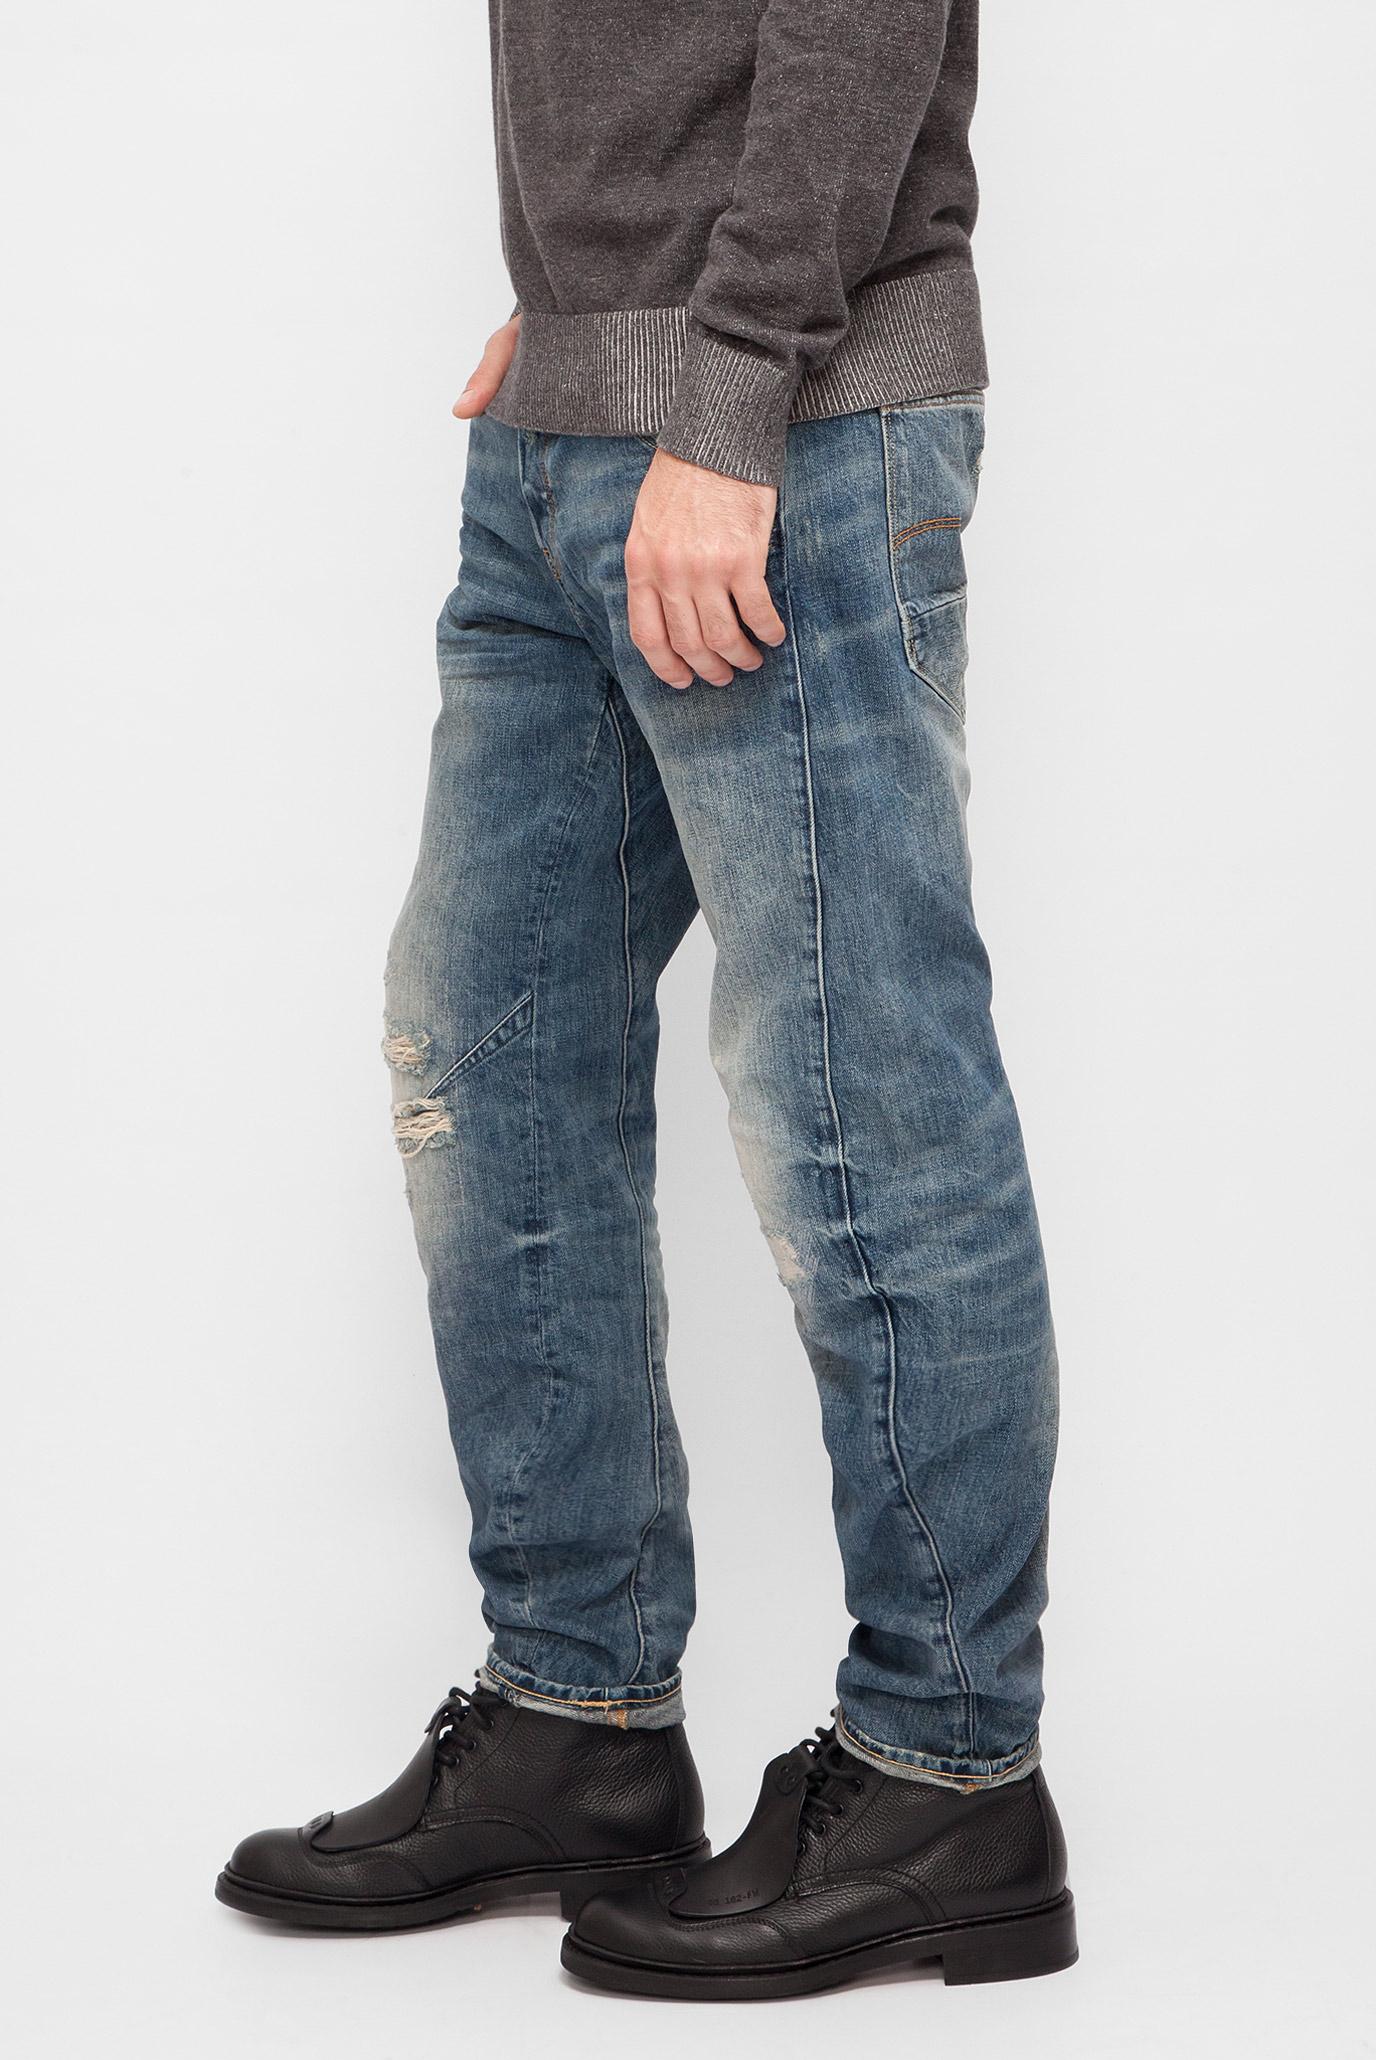 Купить Мужские синие джинсы Arc 3D Tapered G-Star RAW G-Star RAW D02023,8595 – Киев, Украина. Цены в интернет магазине MD Fashion